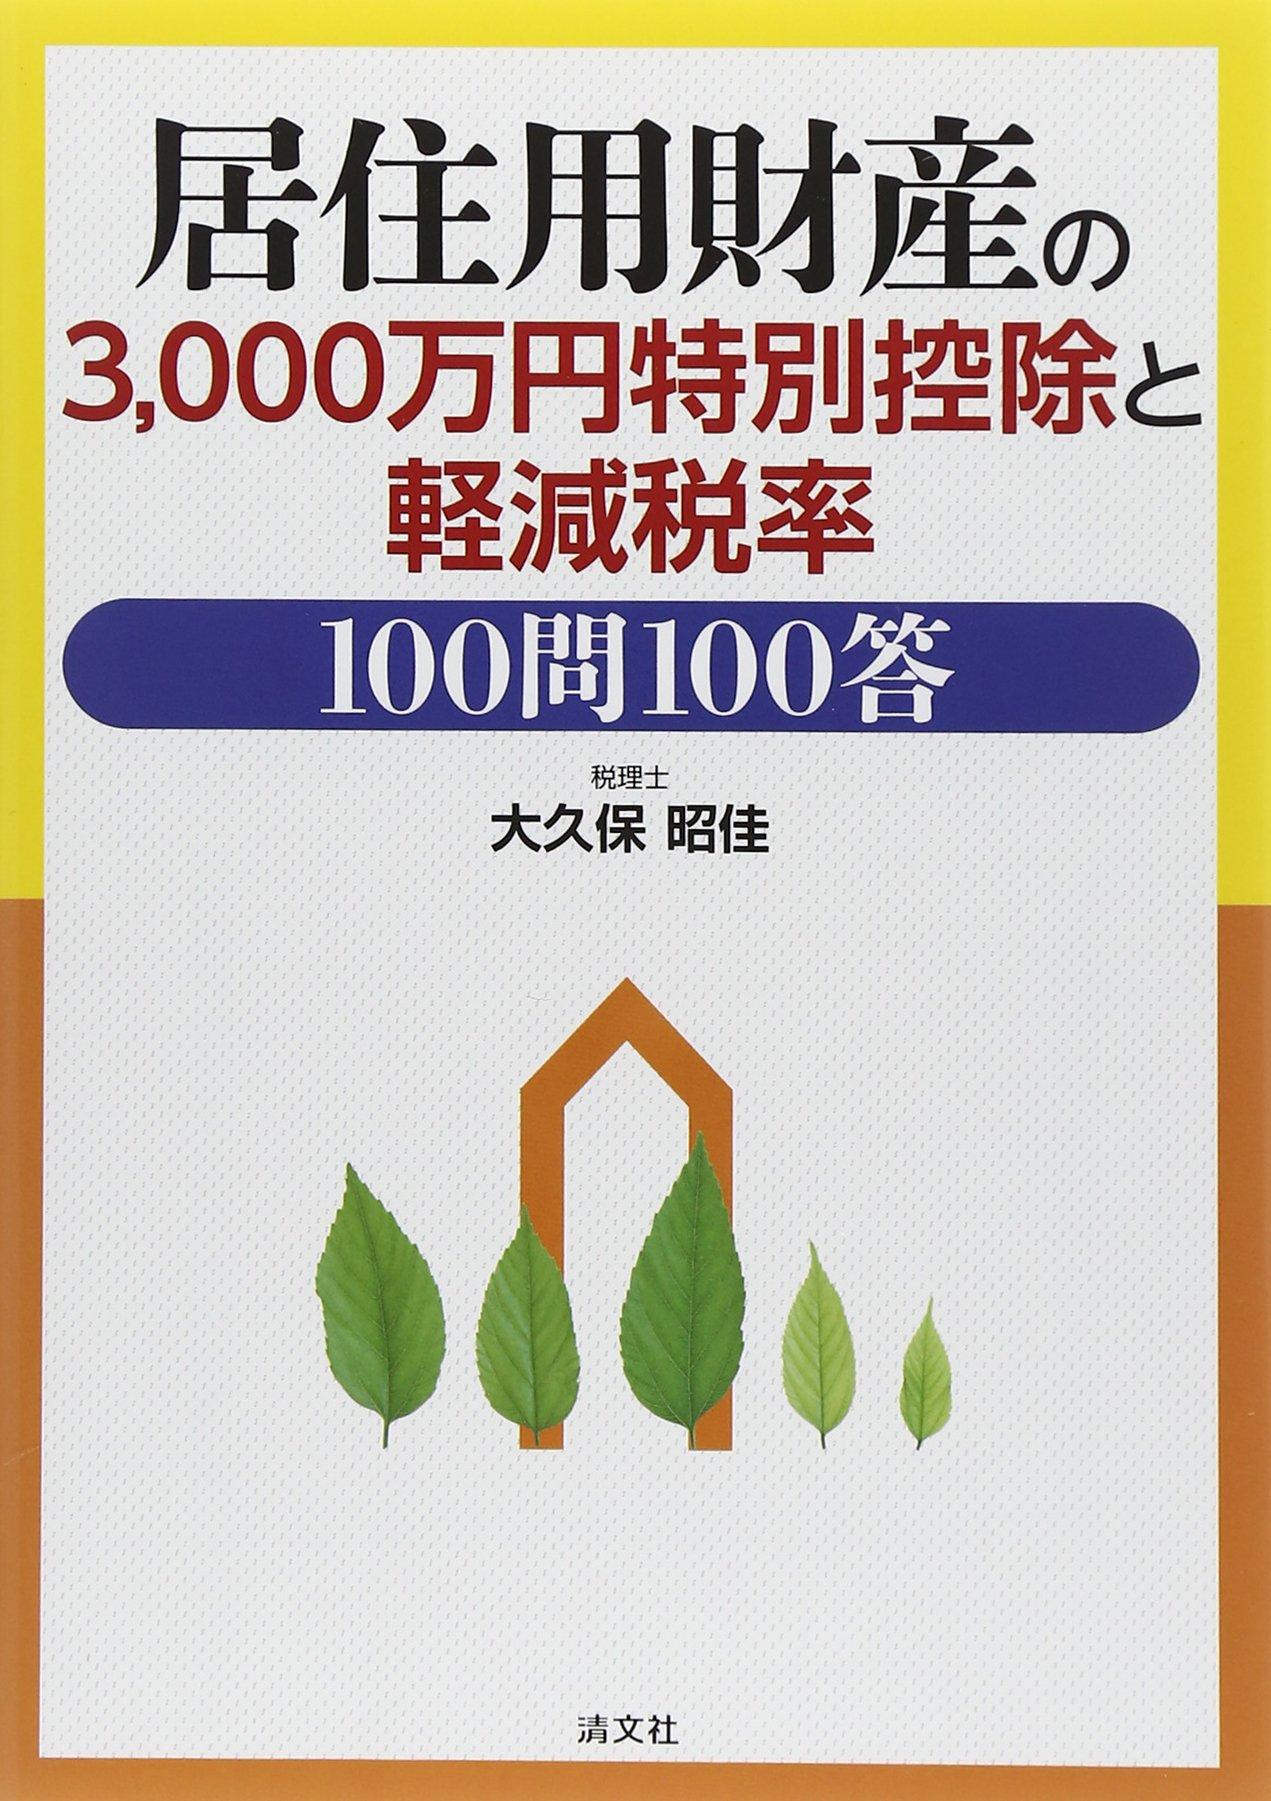 Kyojūyō zaisan no sanzenman'en tokubetsu kōjo to keigen zeiritsu hyakumon hyakutō PDF Text fb2 ebook